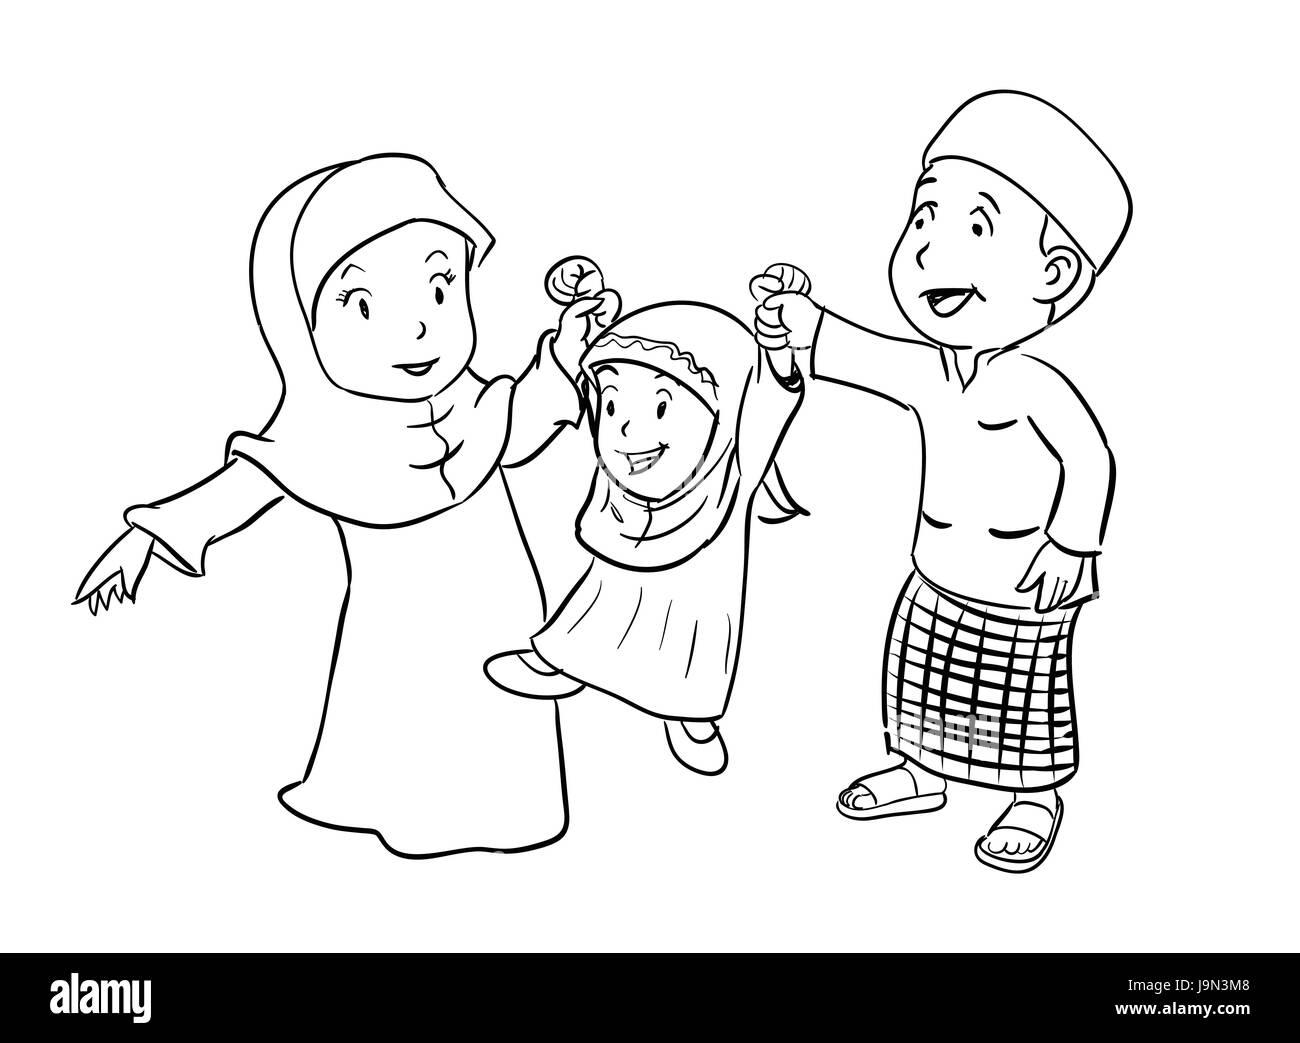 Ilustración Lineal De Feliz Familia Islámica Vector De Dibujos